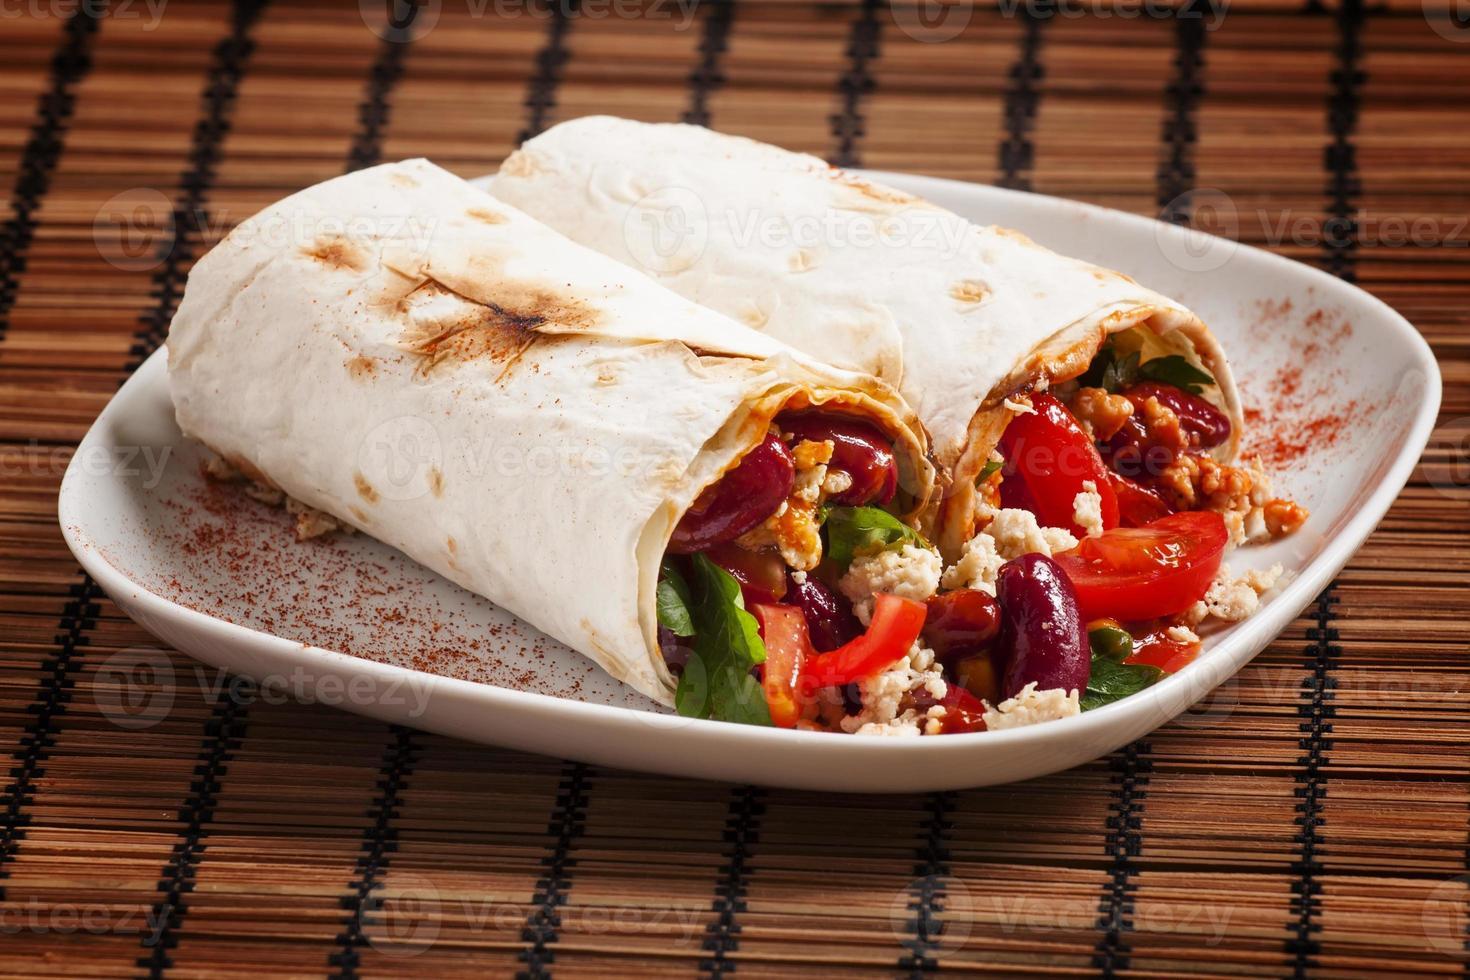 cuisine mexicaine traditionnelle, burritos avec viande et haricots, sélectiv photo